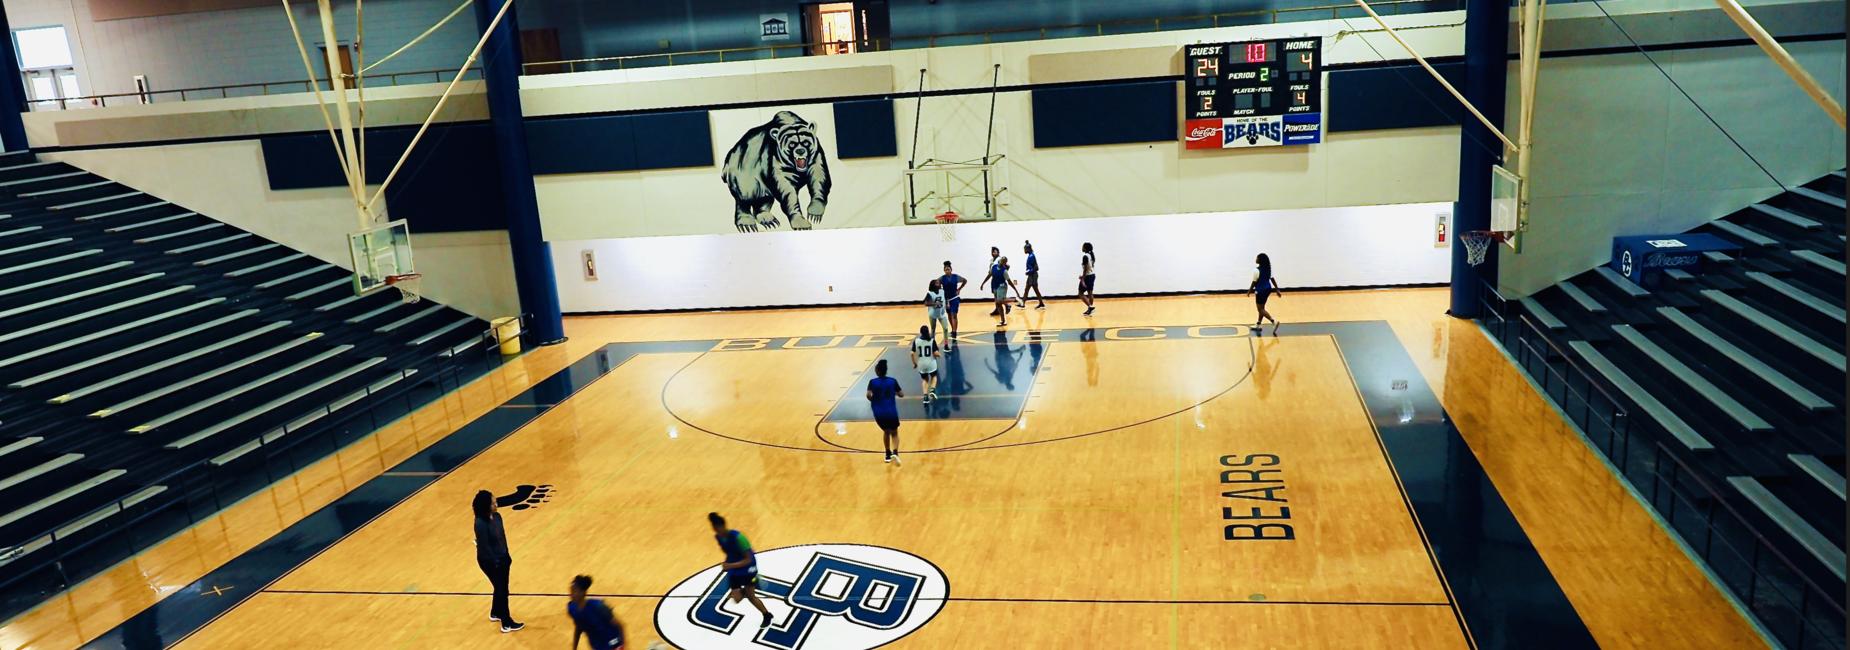 bchs basketball gym